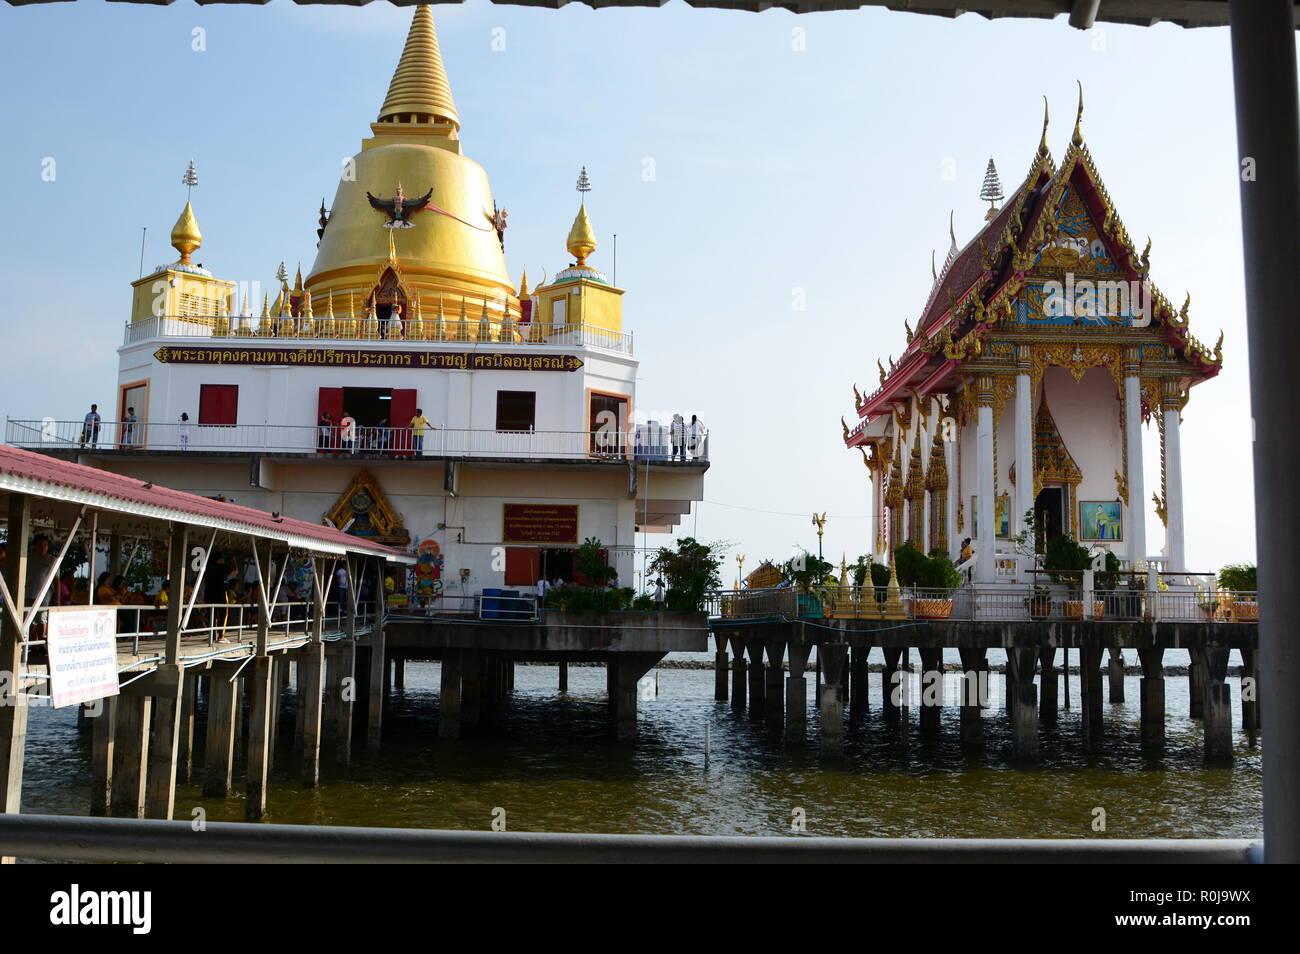 Wat Hong Thong framed view. Bang Pakong. Chachoengsao province. Thailand - Stock Image